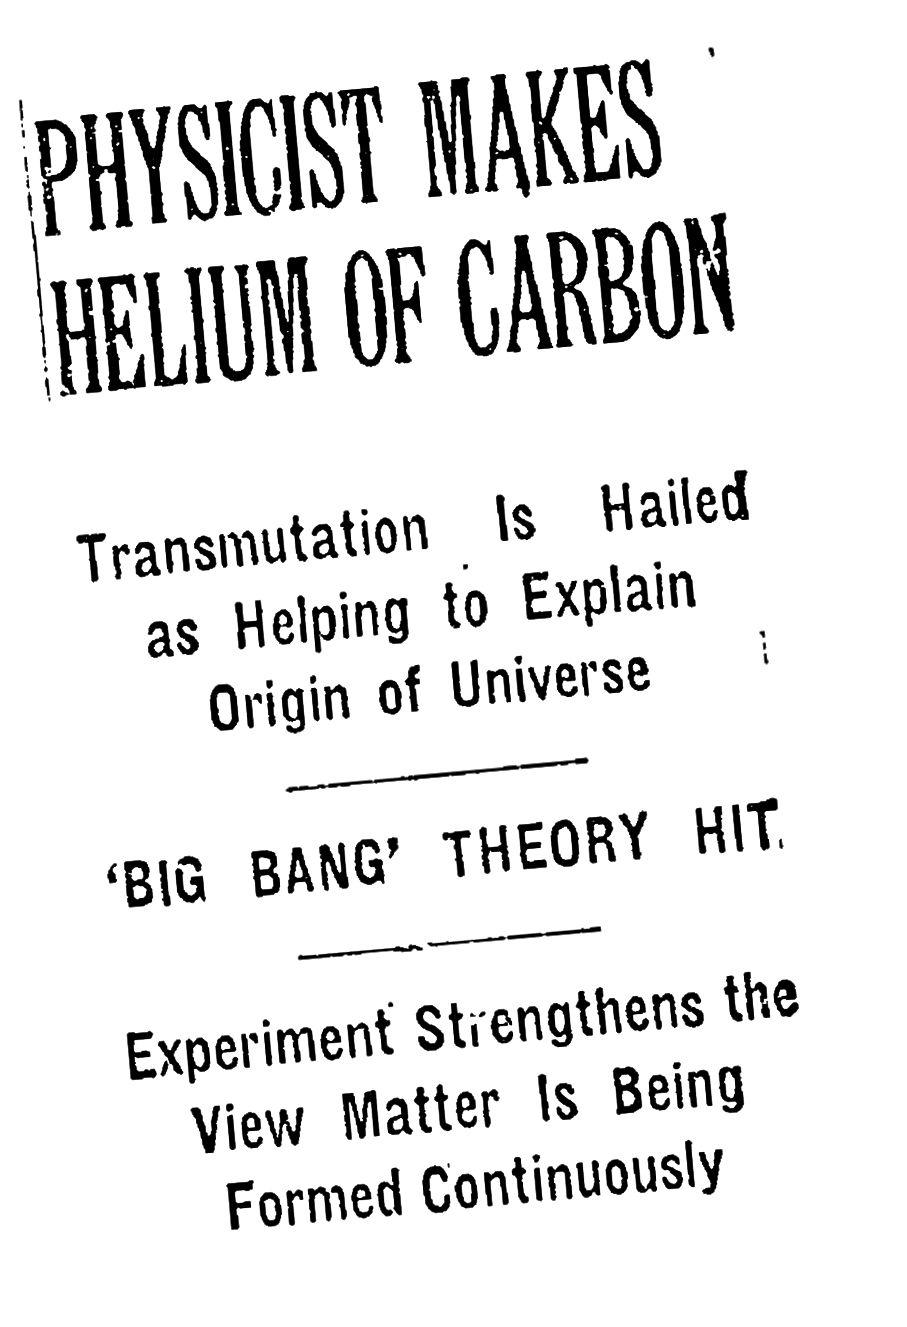 Naslovi koji najavljuju uspjeh zvjezdane nukleosinteze ... i okončanje alfa-beta-gama predviđanja težih elemenata. Kreditna slika: New York Times.